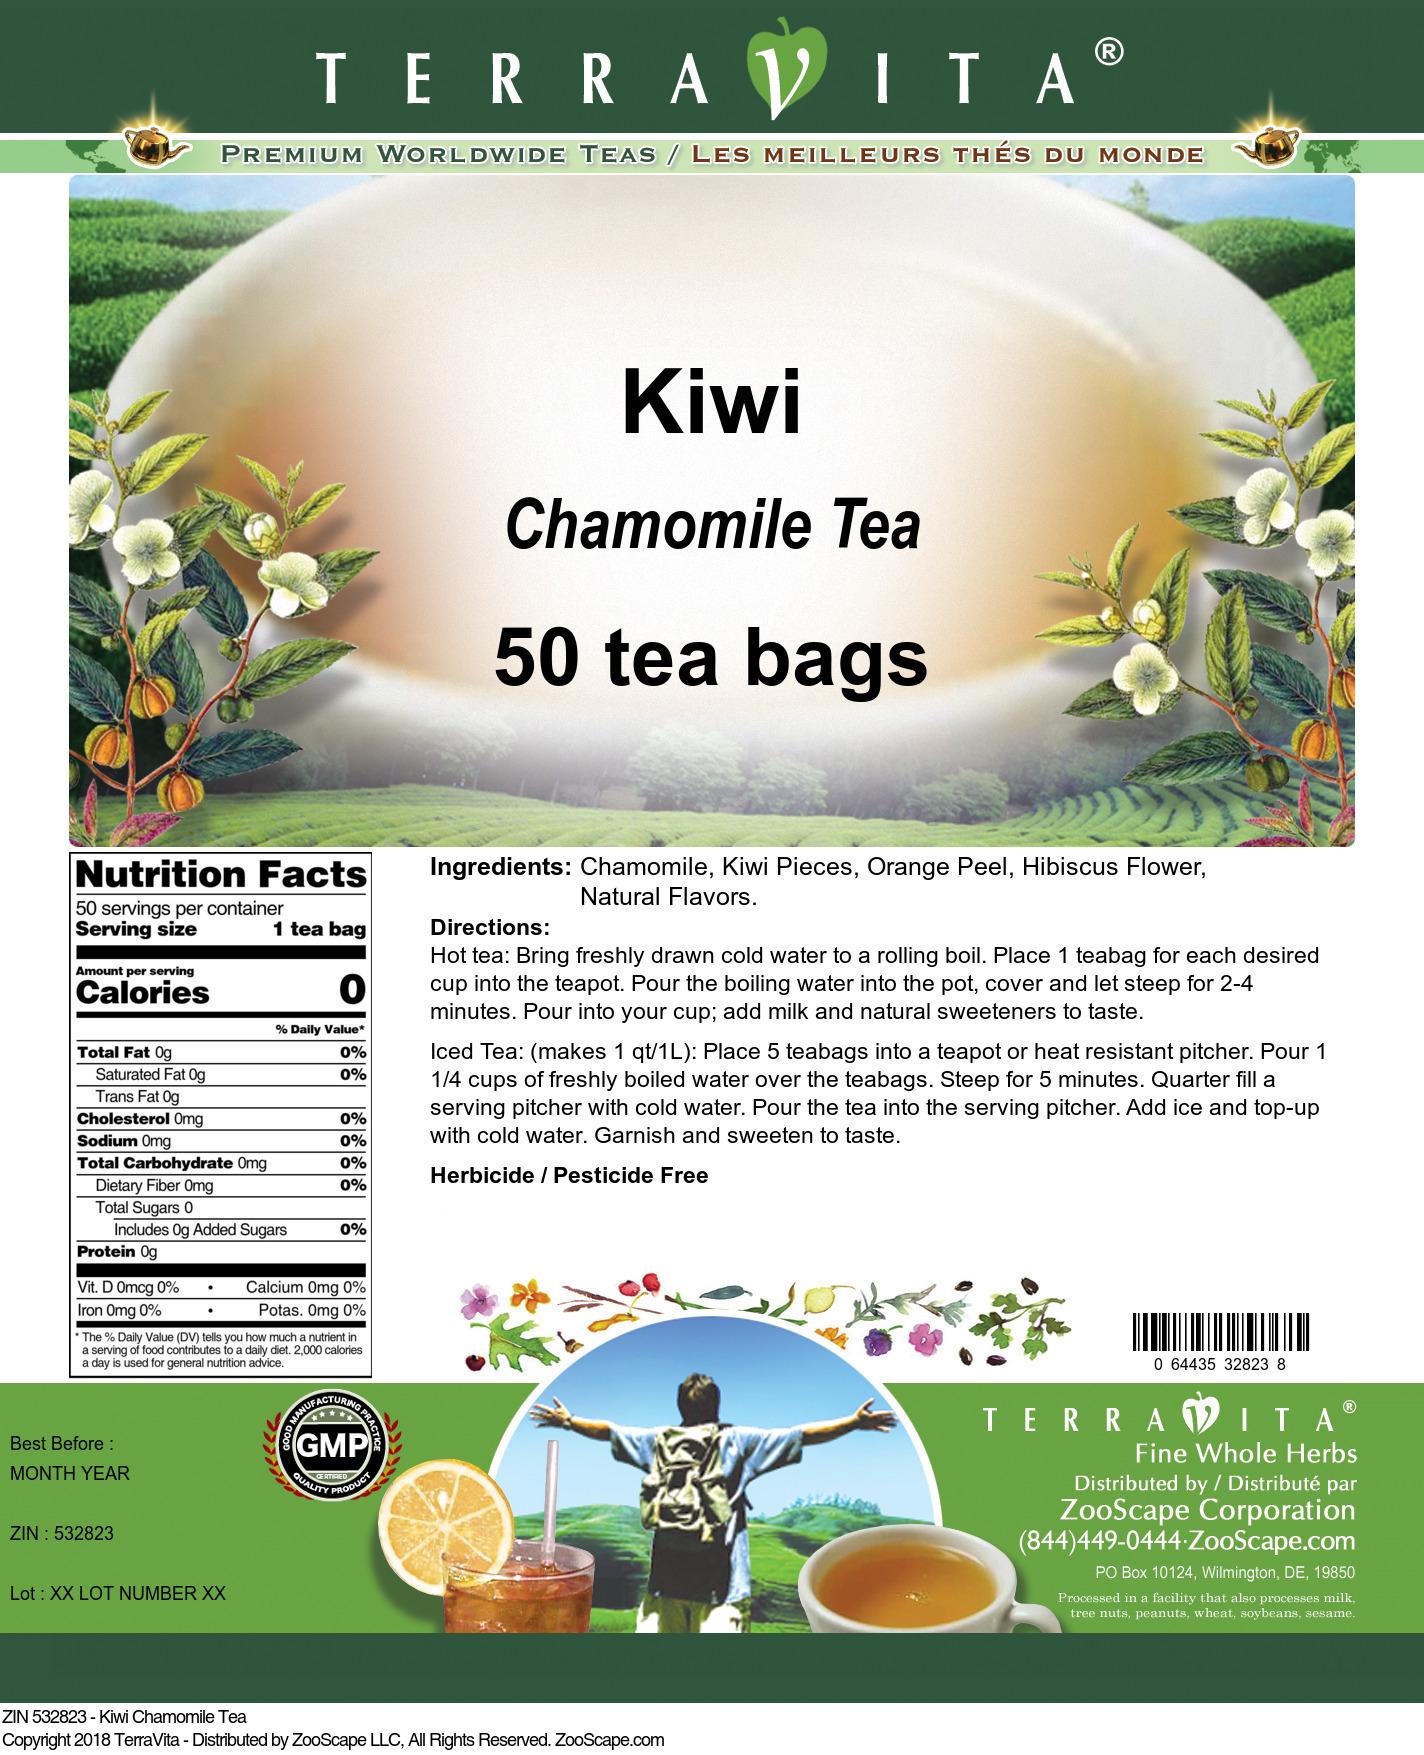 Kiwi Chamomile Tea